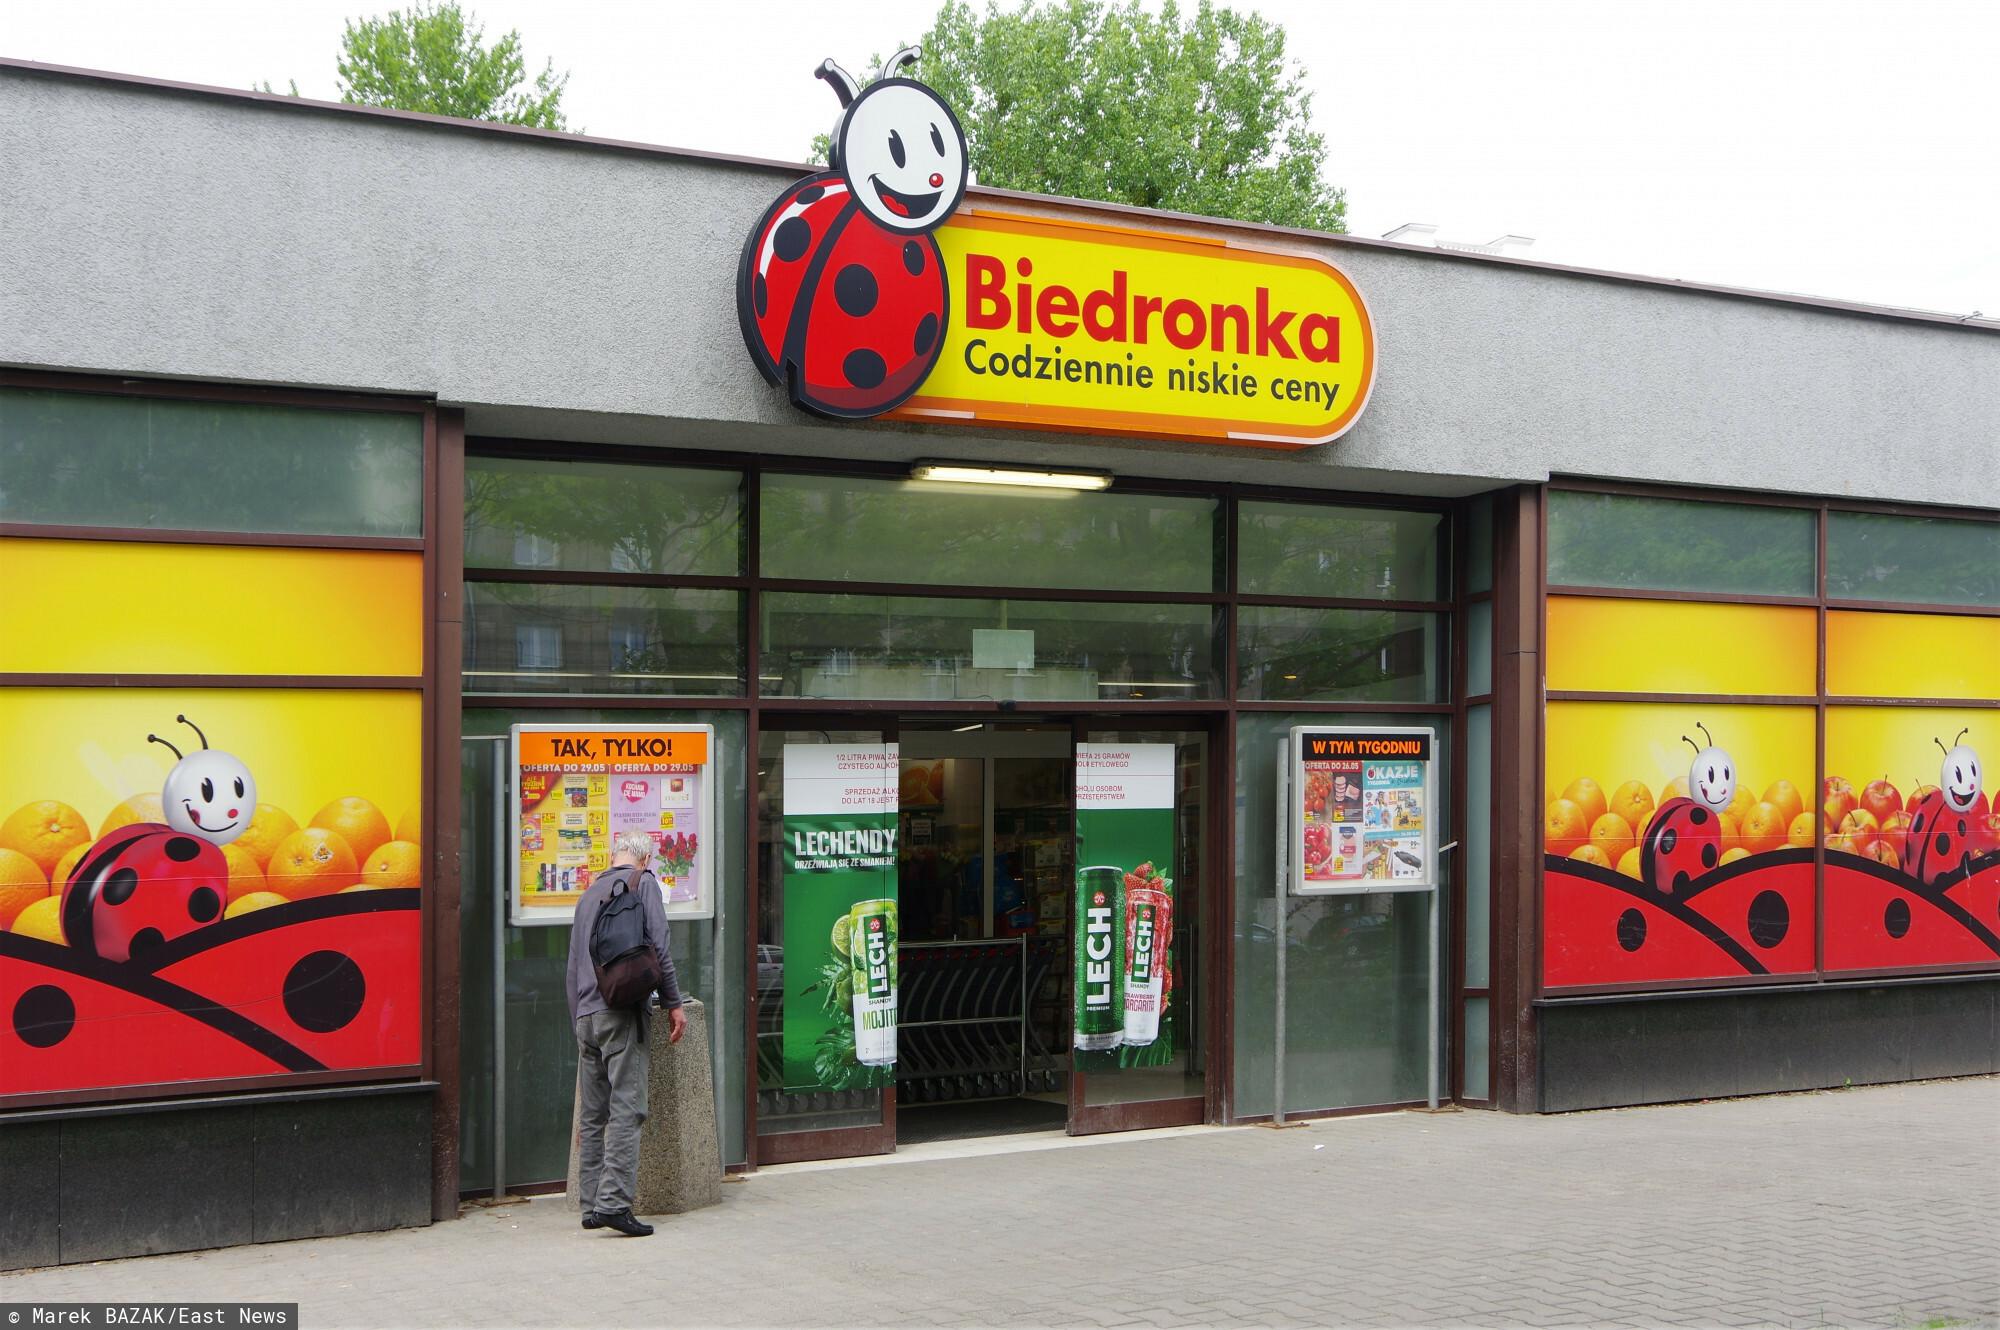 PHOTO: ZOFIA I MAREK BAZAK / EAST NEWS Warszawa N/z sklep Biedronka, siec handlowa, wlasciciel Jeronimo Martins Polska